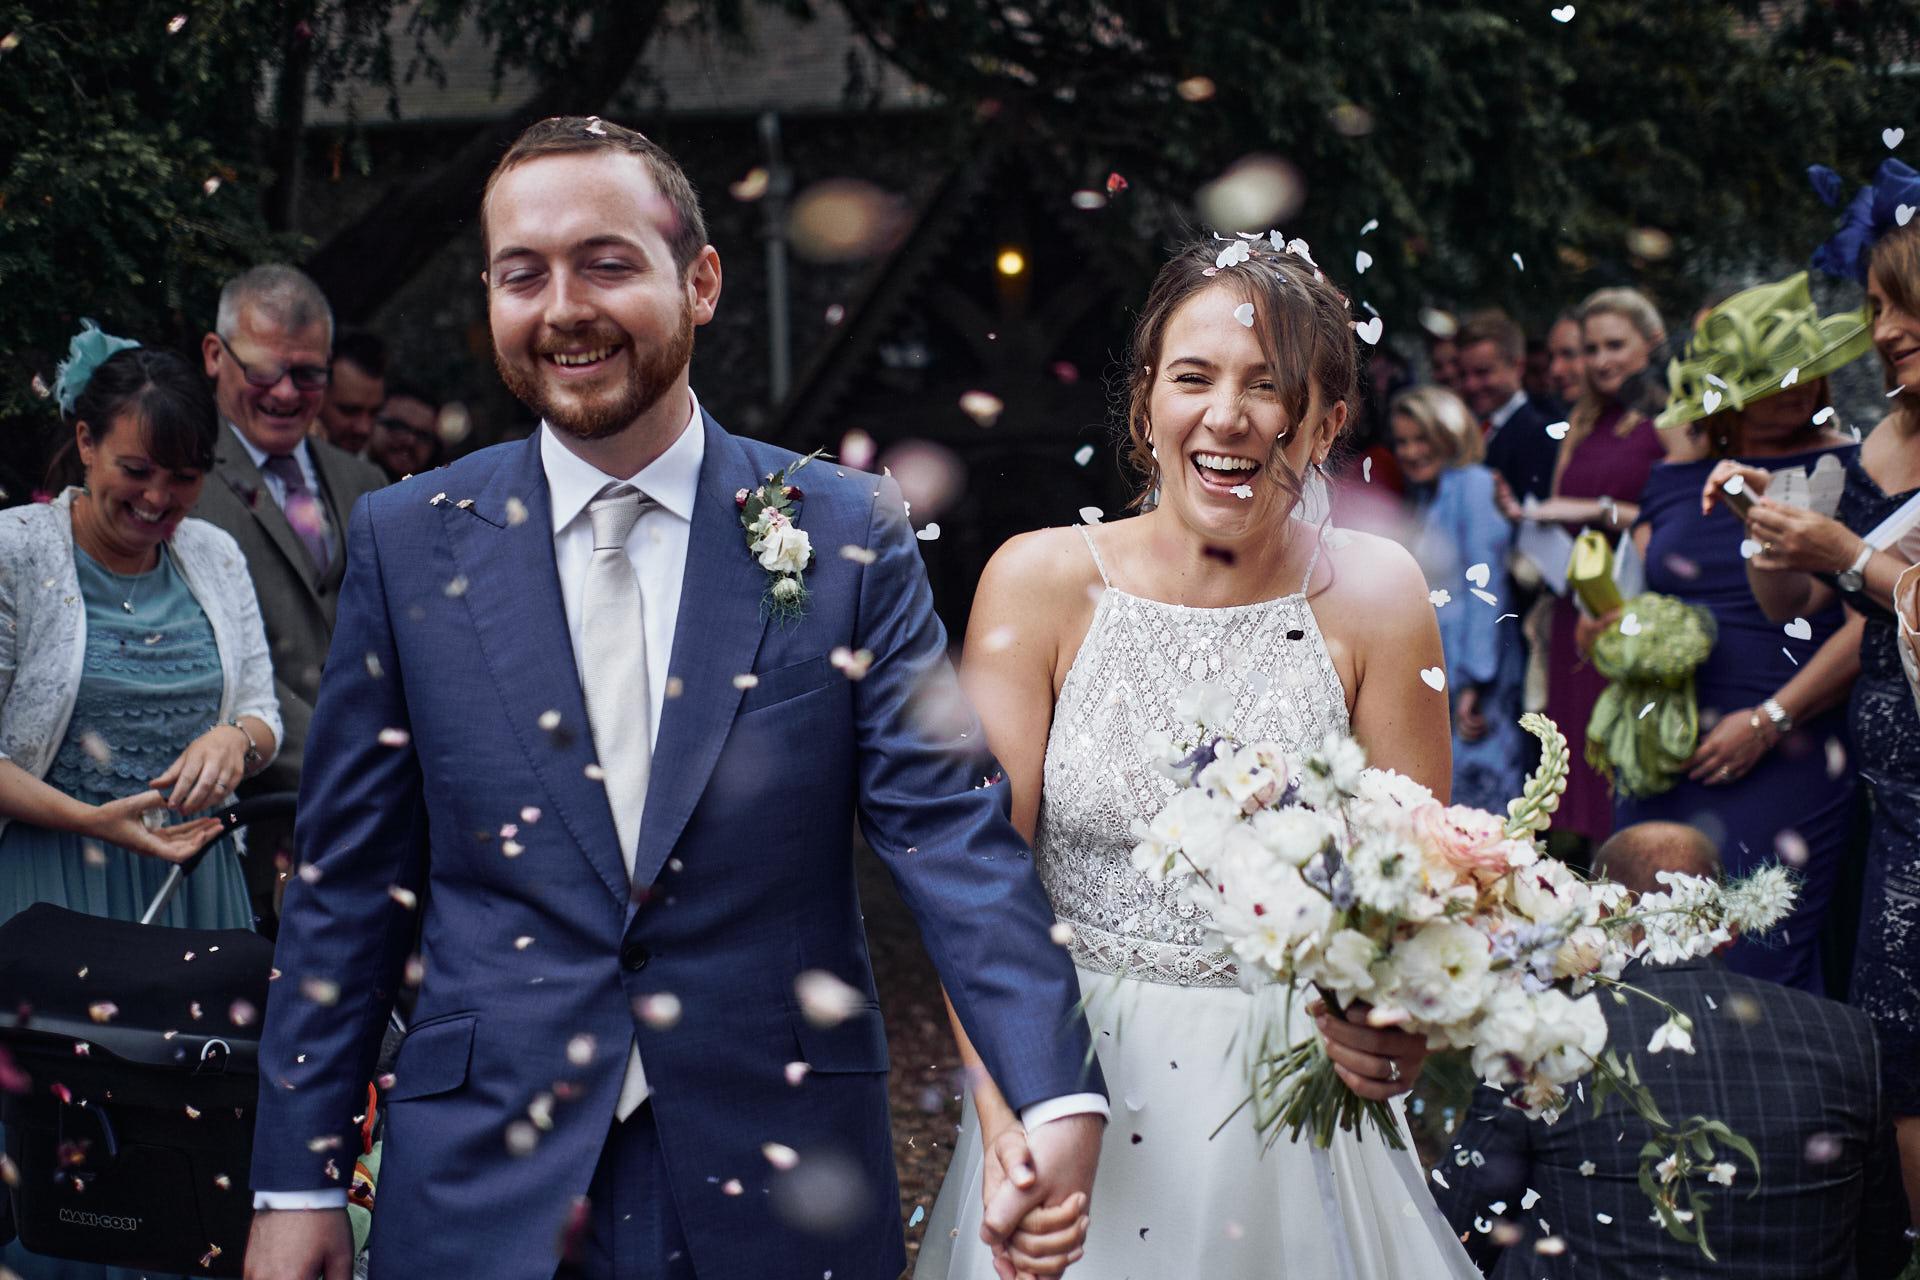 Braut und Bräutigam im Konfettiregen beim Auszug aus der Kirche in Köln